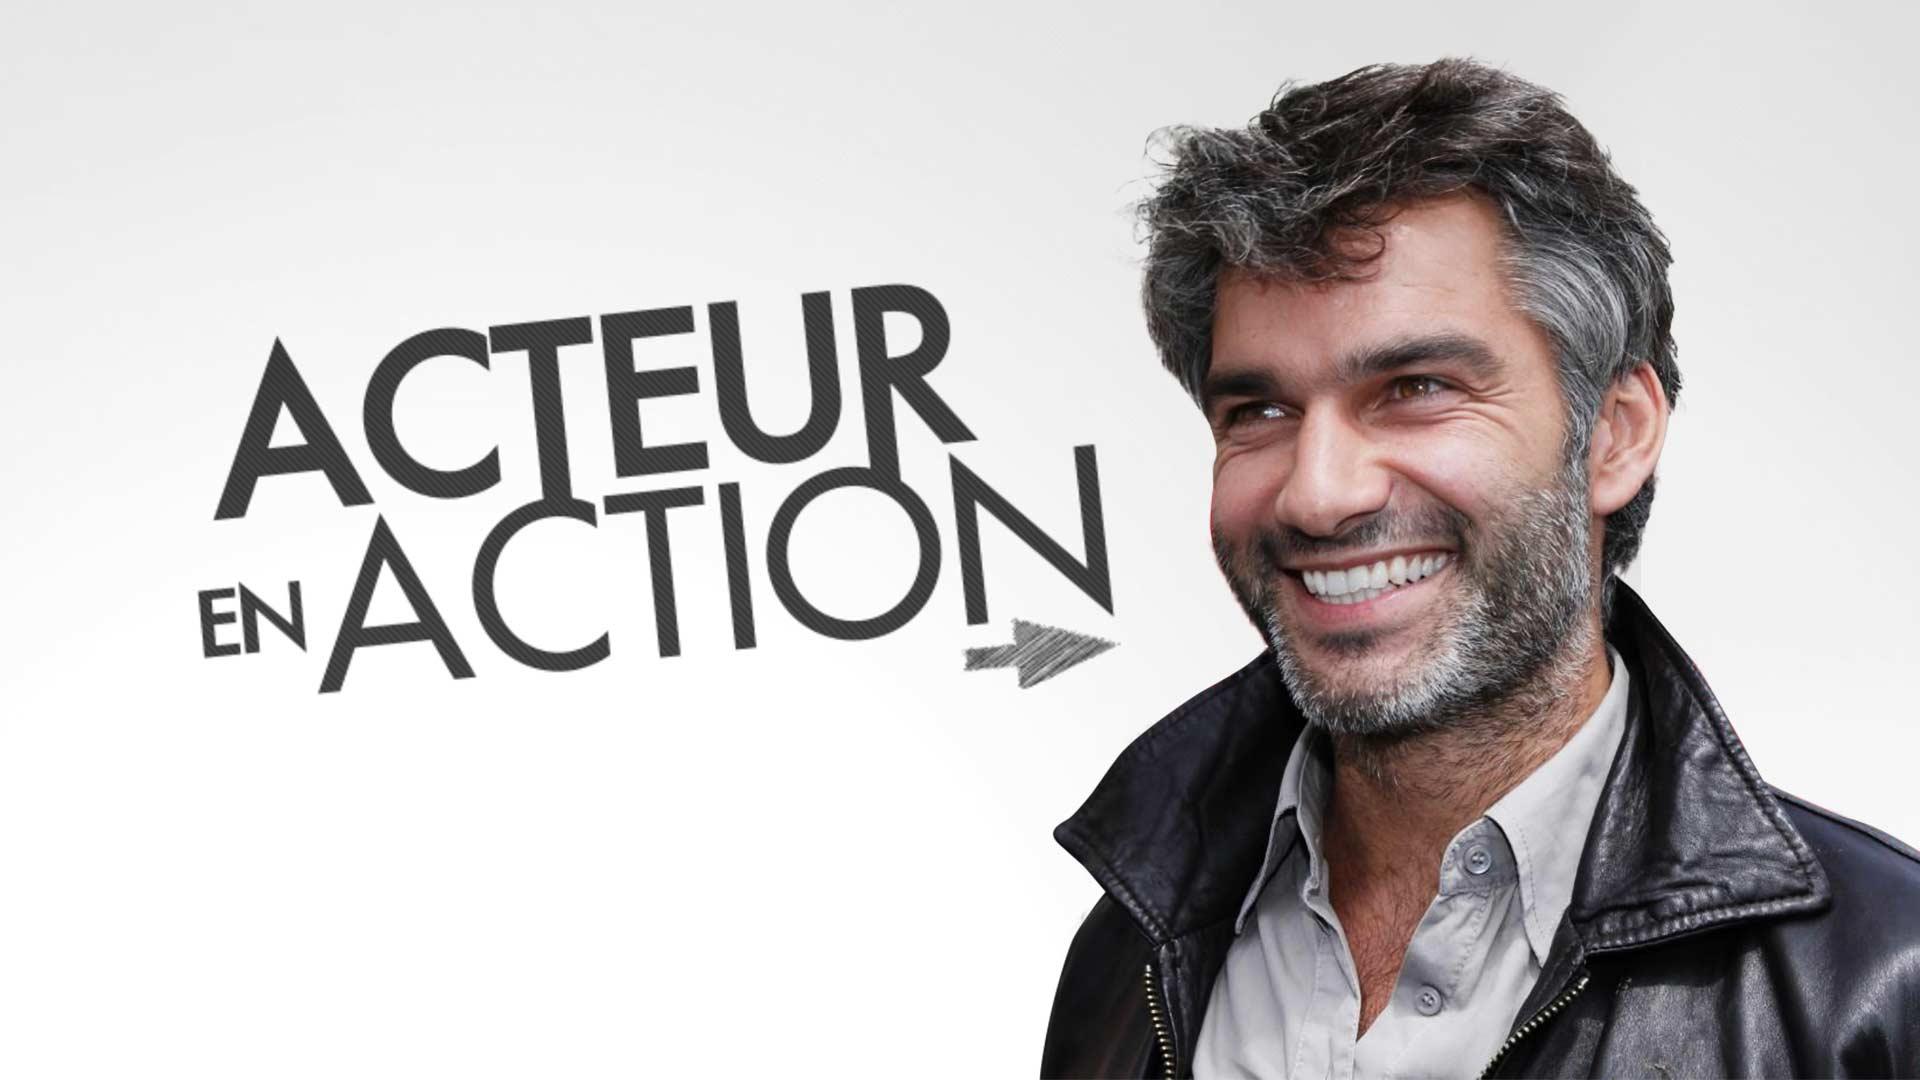 ACTEUR EN ACTION